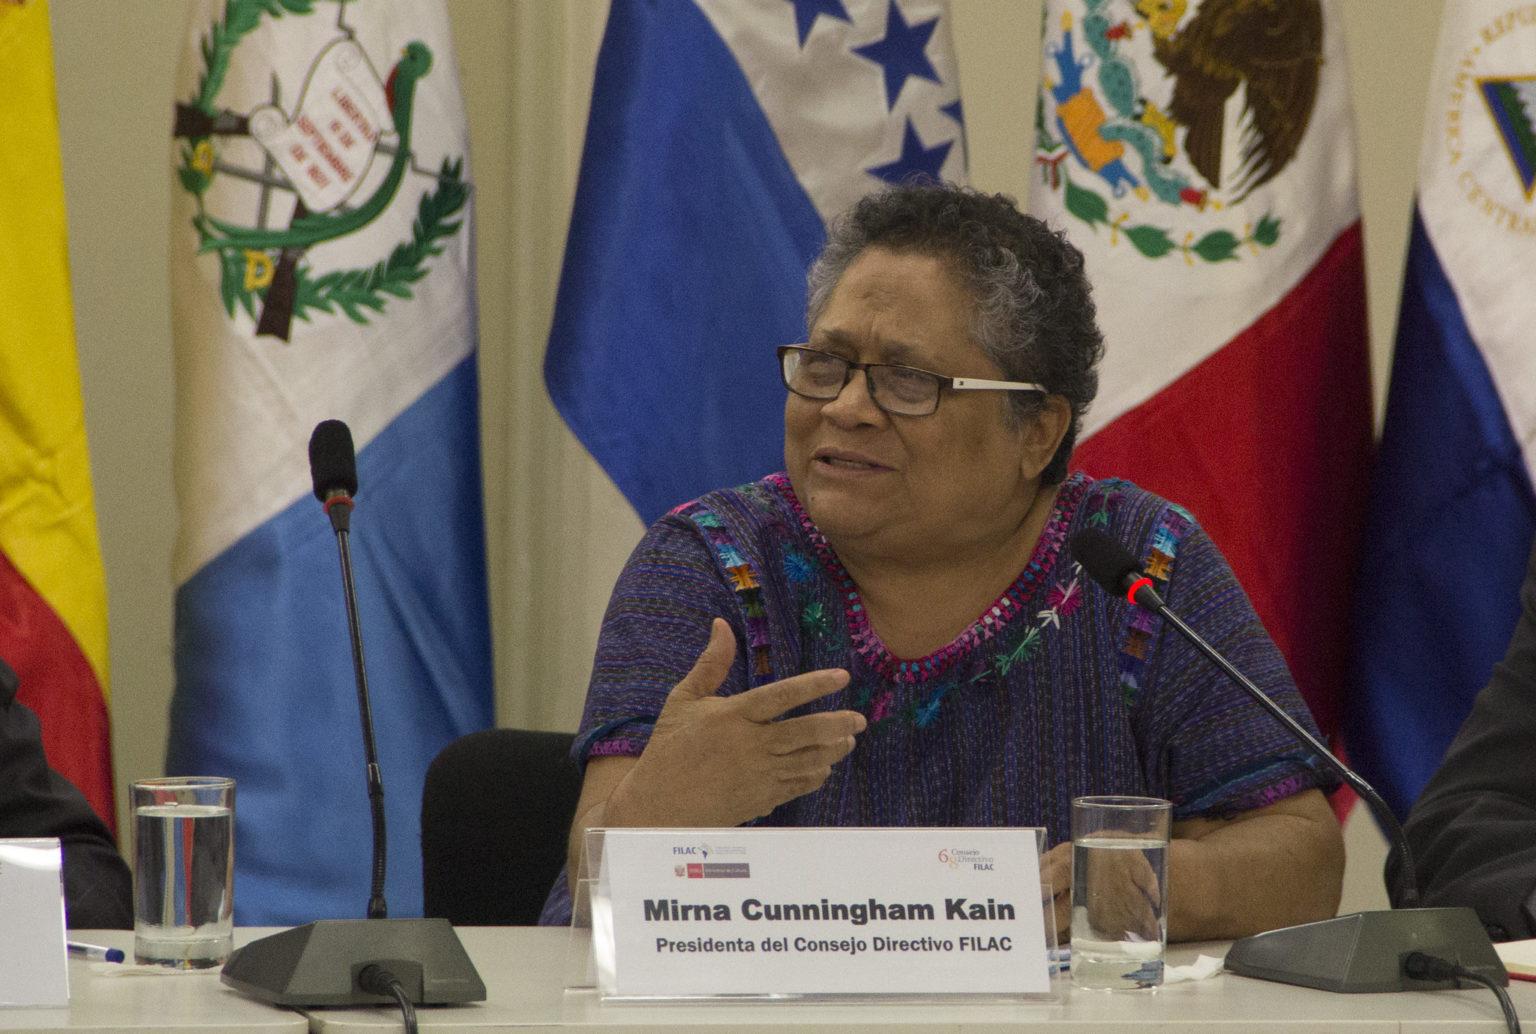 Myrna Cunningham é reconhecida mundialmente por seu trabalho com povos indígenas. Em entrevista à Pública, ela falou sobre o relatório produzido pela ONU e a política de meio ambiente do governo Bolsonaro (Gabriel Mariaca)